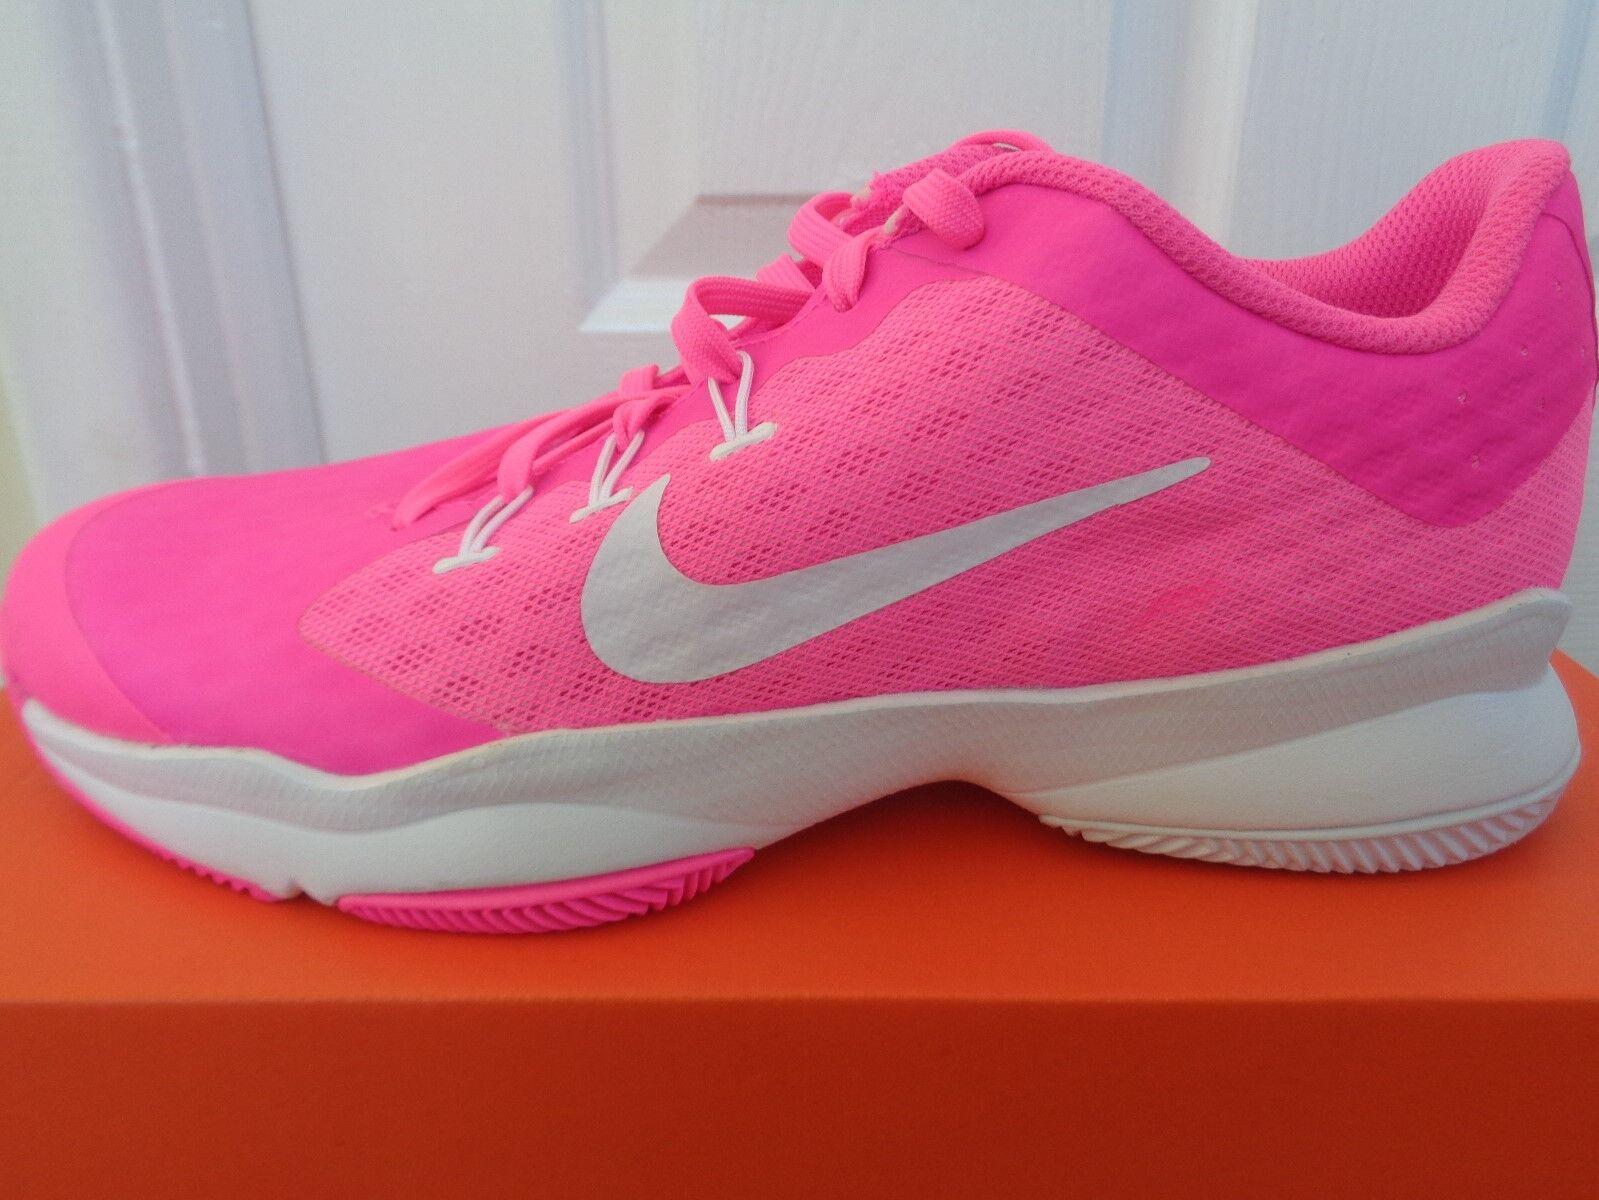 Nike Air Zoom Ultra Zapatillas para mujer Nuevo 845046 610 nos 6 Nuevo mujer + Caja 983029